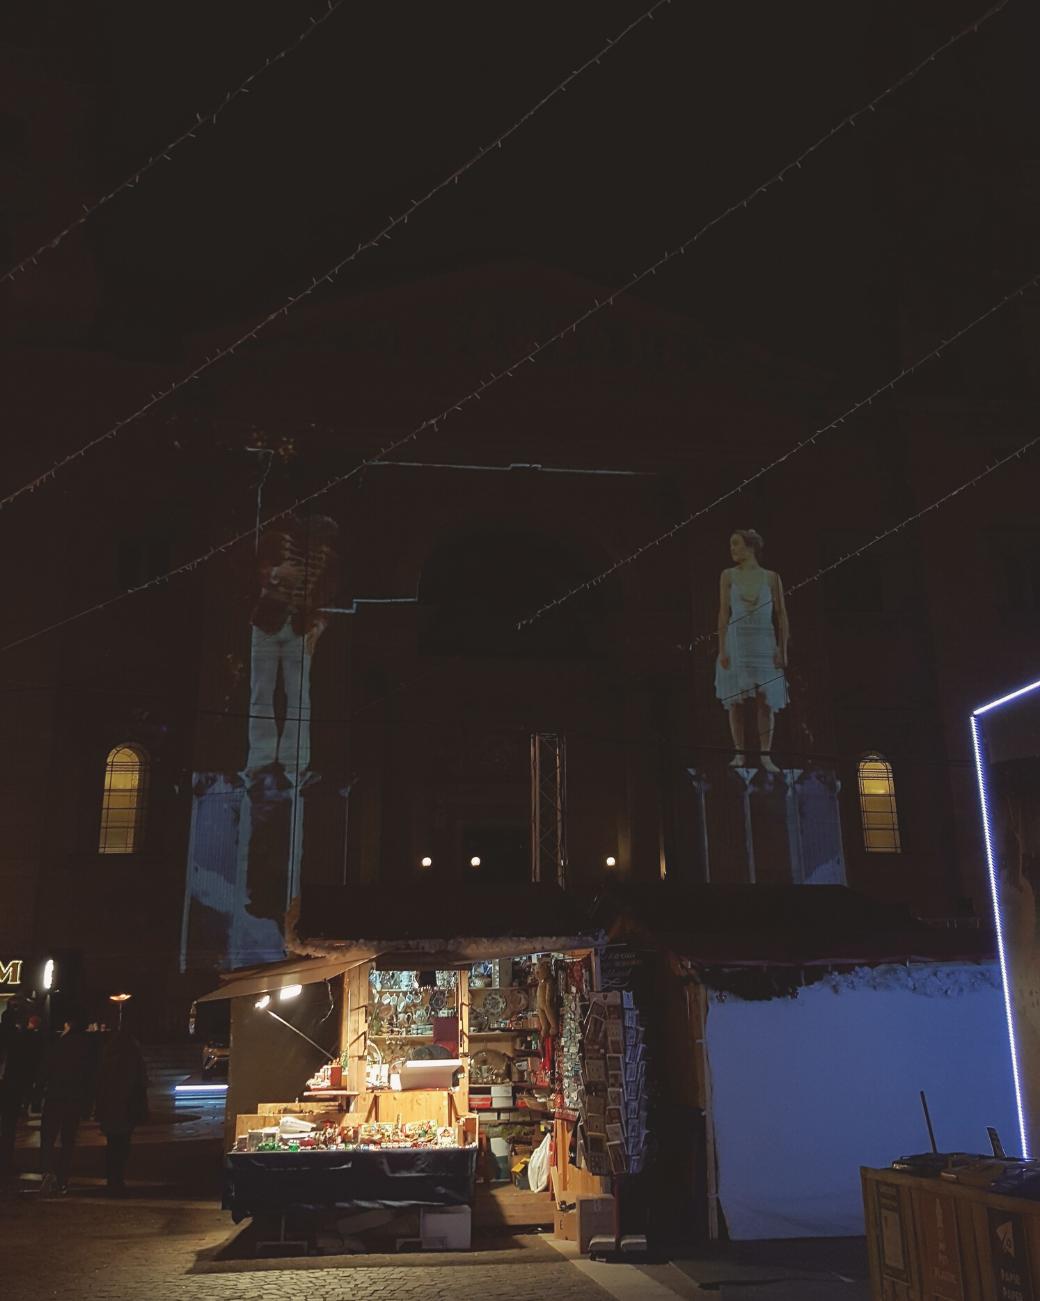 De lichtshow bij de kerstmarkt van de Basiliek is één van de hoogtepunten van de winter in Boedapest.